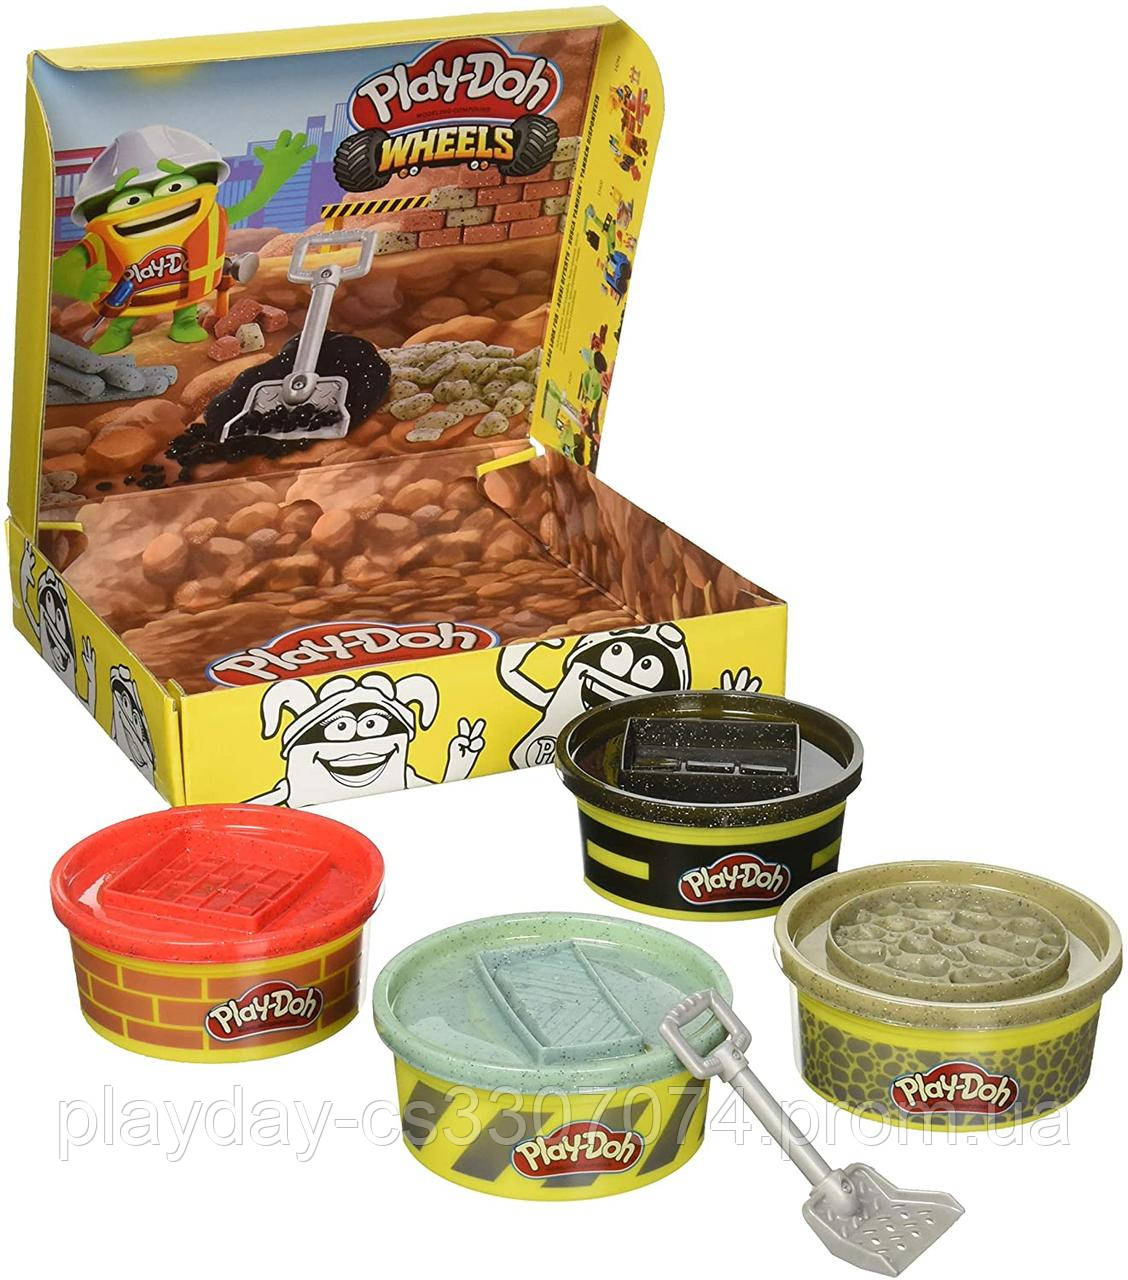 Набор пластилина Play-Doh Wheels 4 шт для строительства